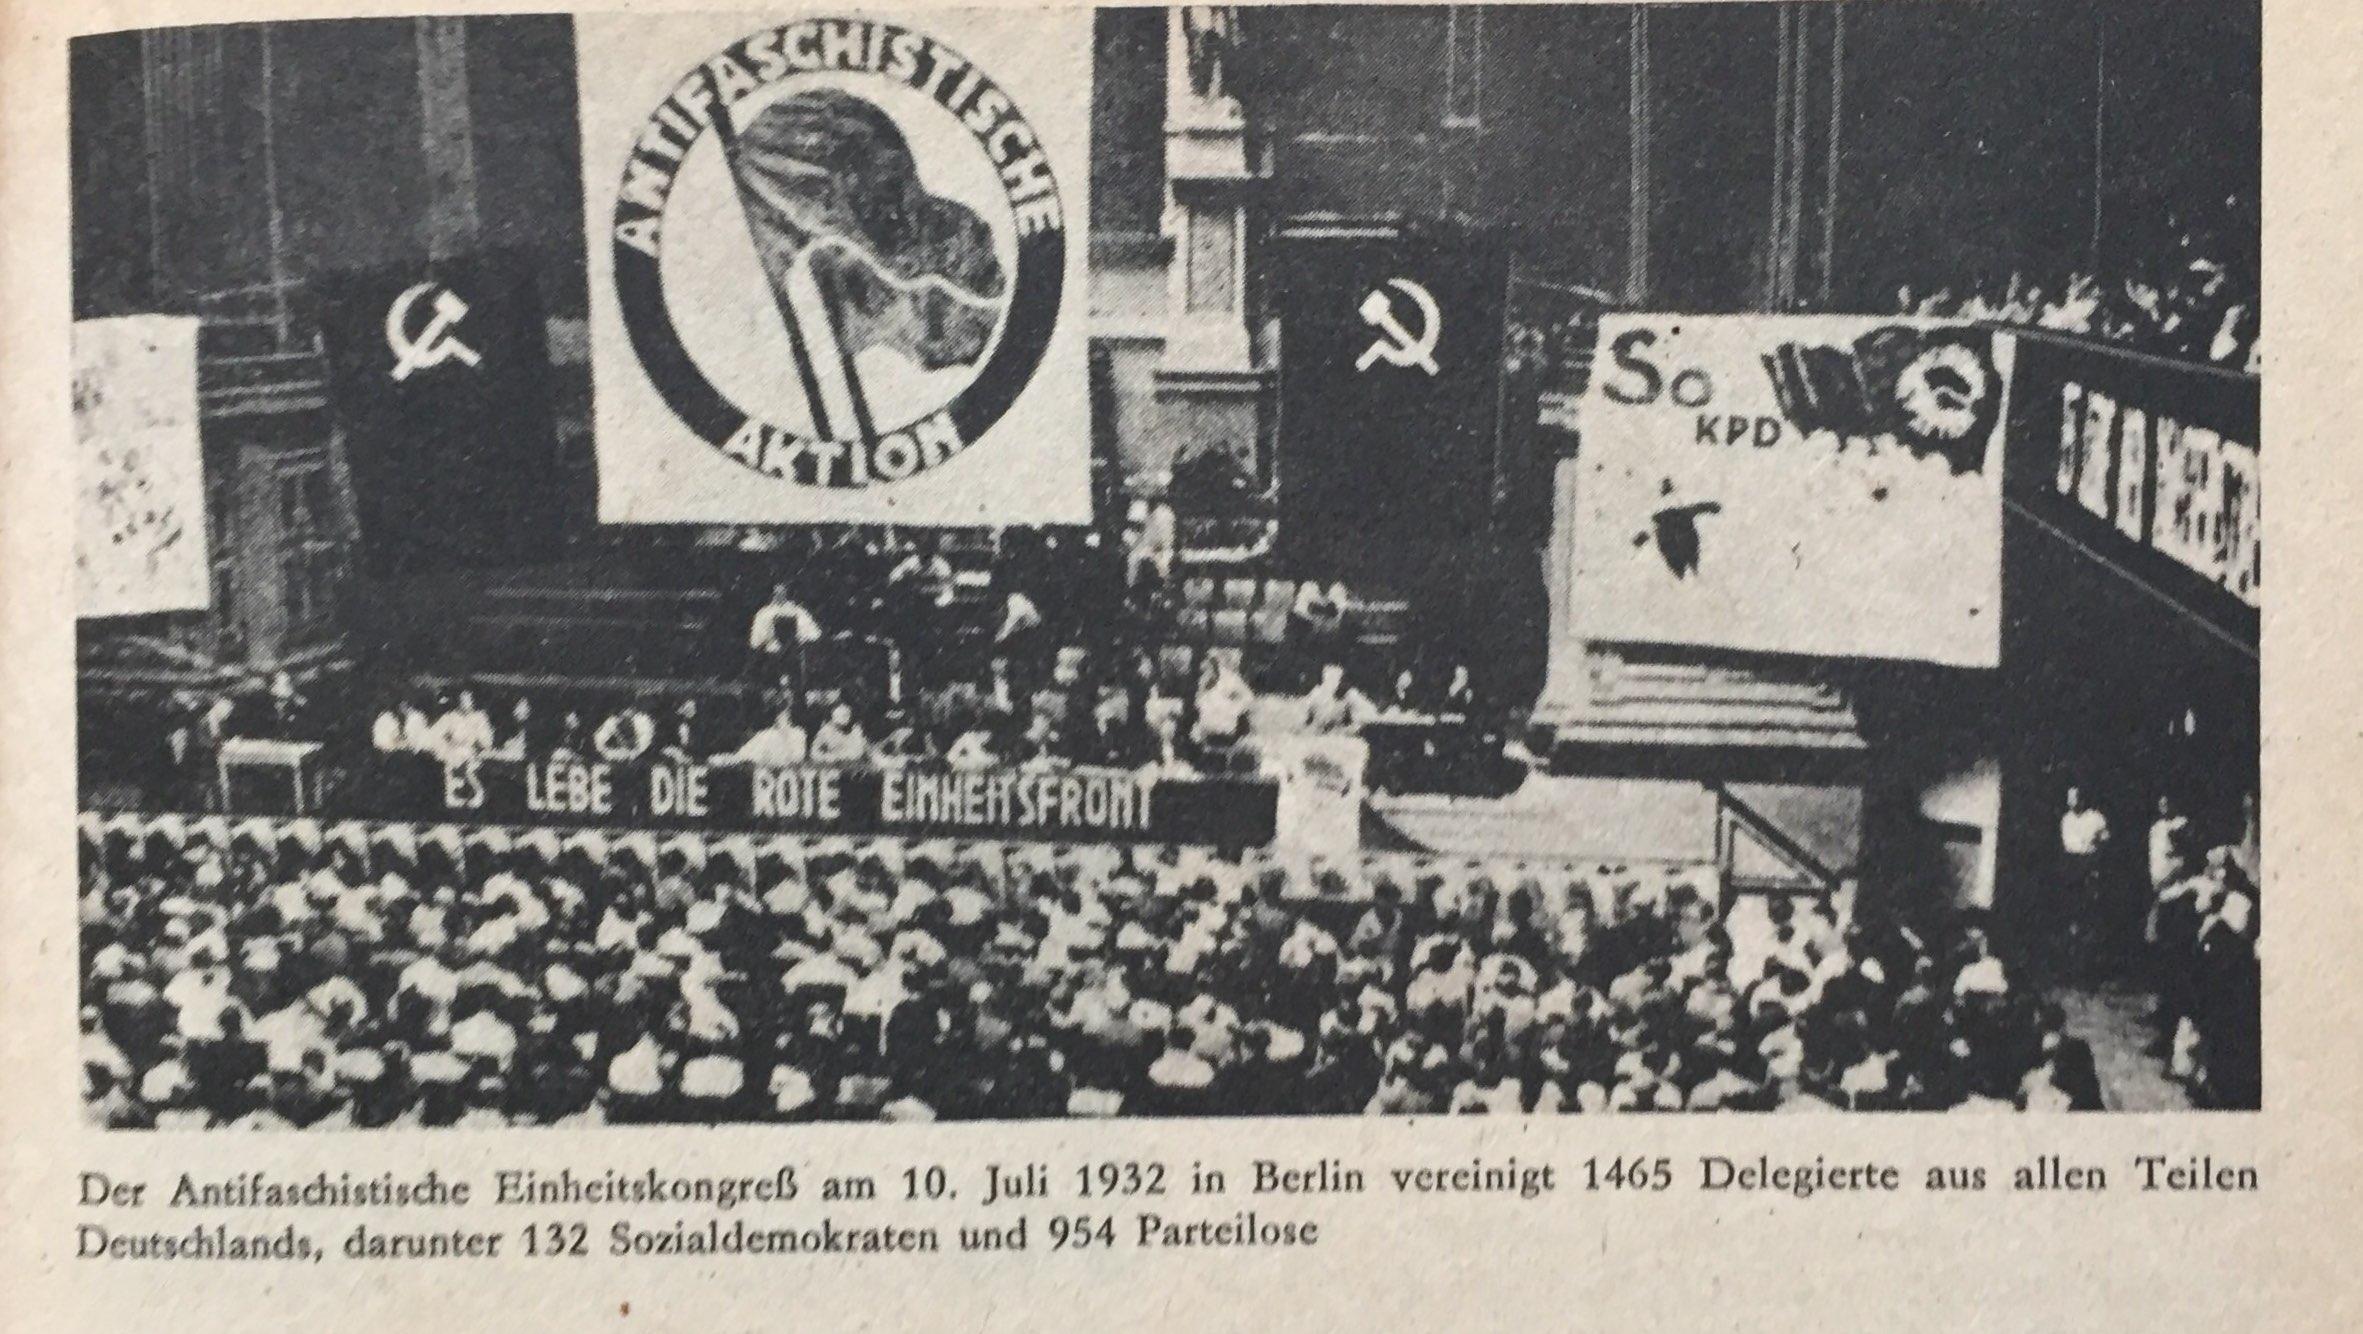 Antifaschistischer Einheitskongress